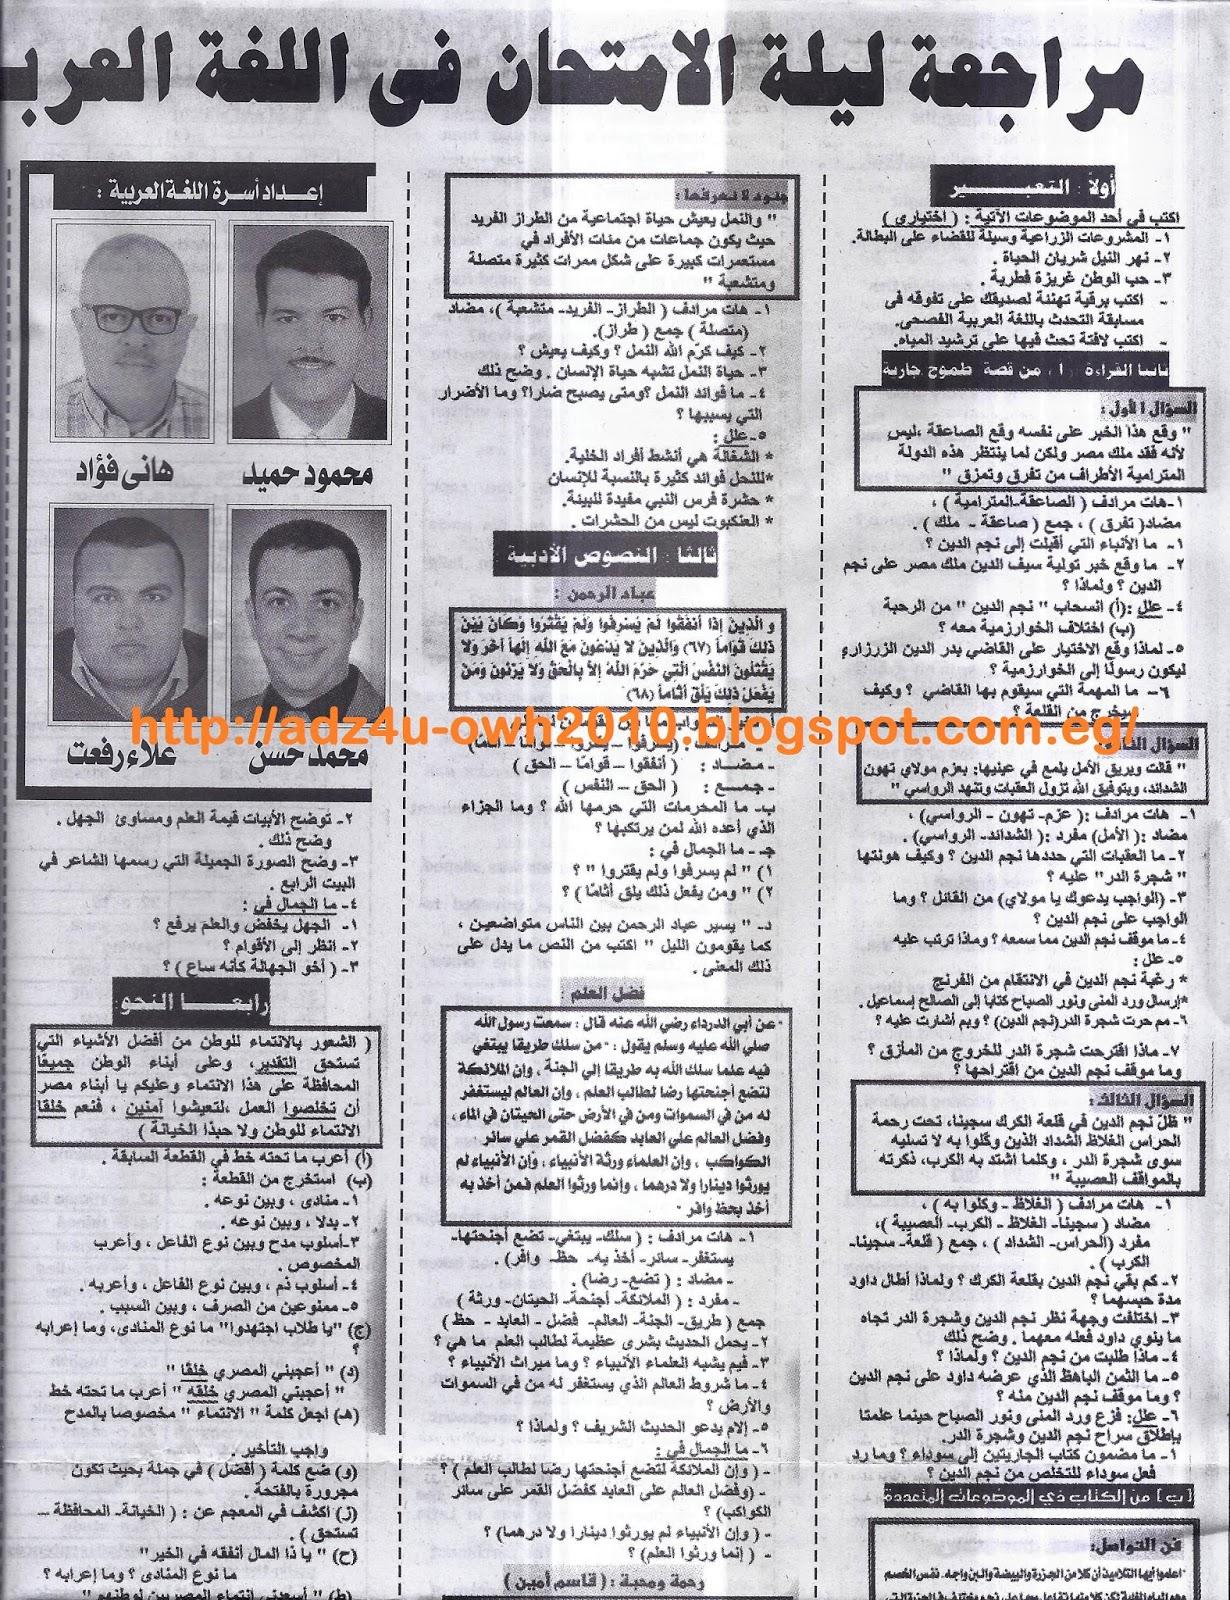 """توقعات ملحق الجمهورية """"امتحانات مجابة"""" فى اللغة العربية للشهادة الإعدادية - نصف العام 2016 Scan0008"""